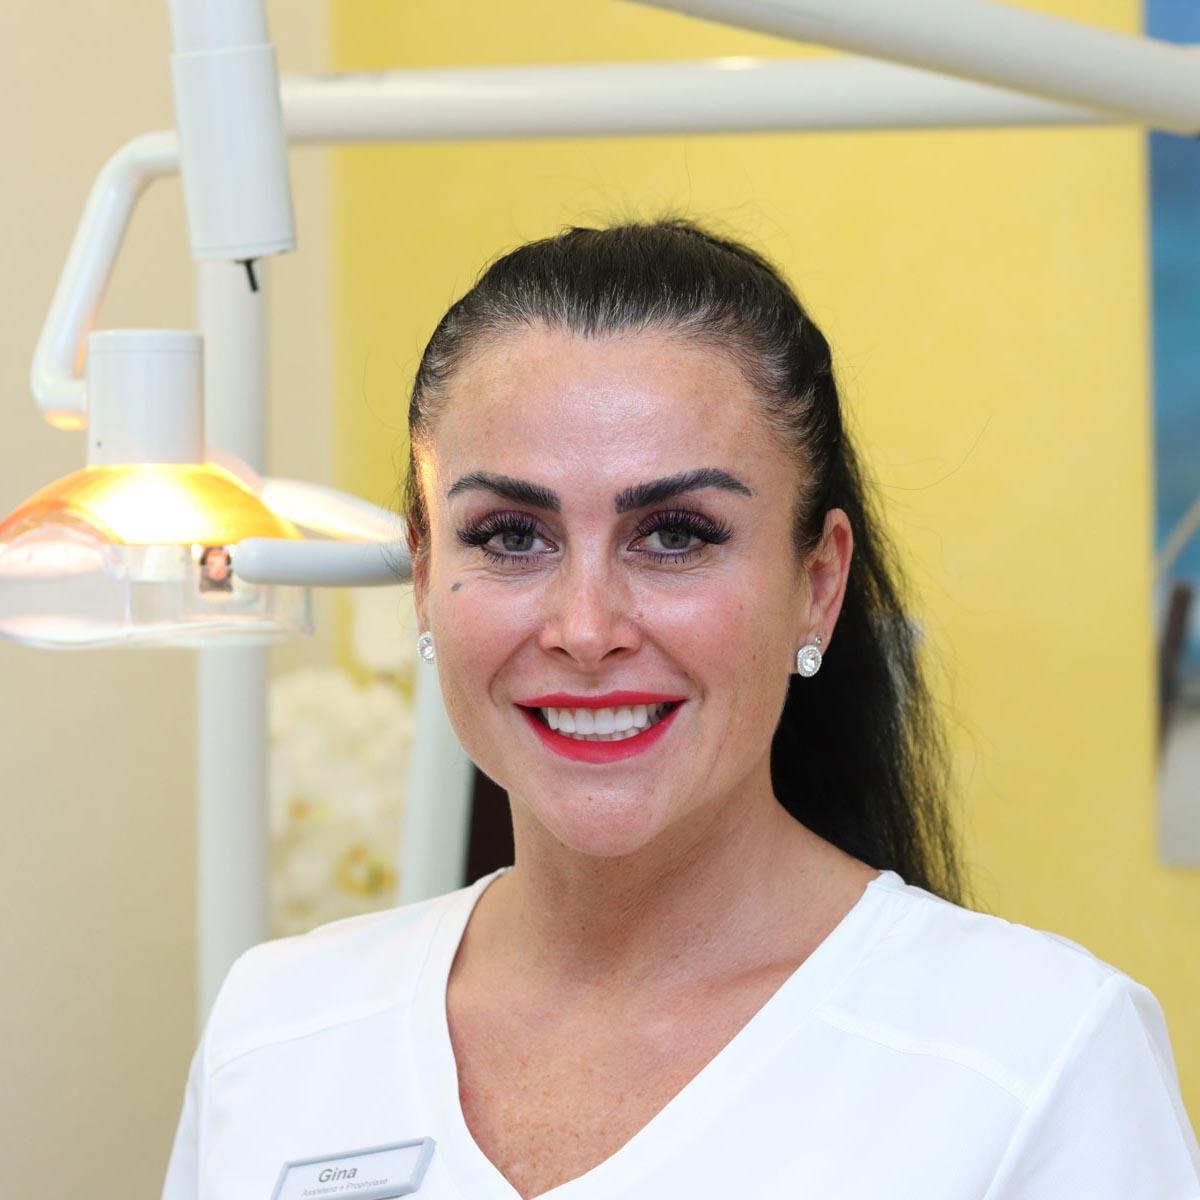 Gina De Santis-Agozzino